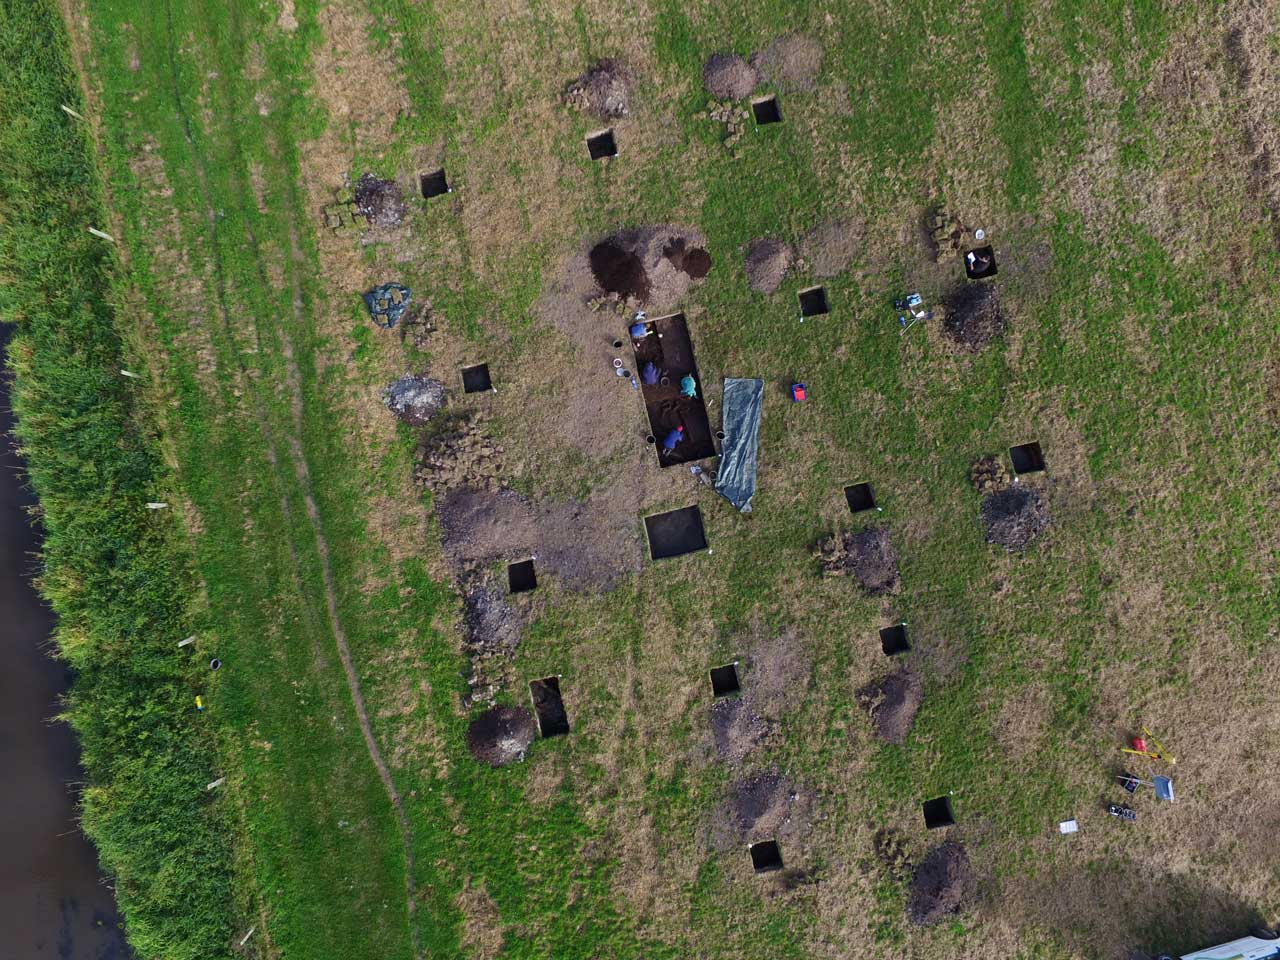 Luftbild der Grabungsschnitte am Fundplatz Hunte im Sommer 2020